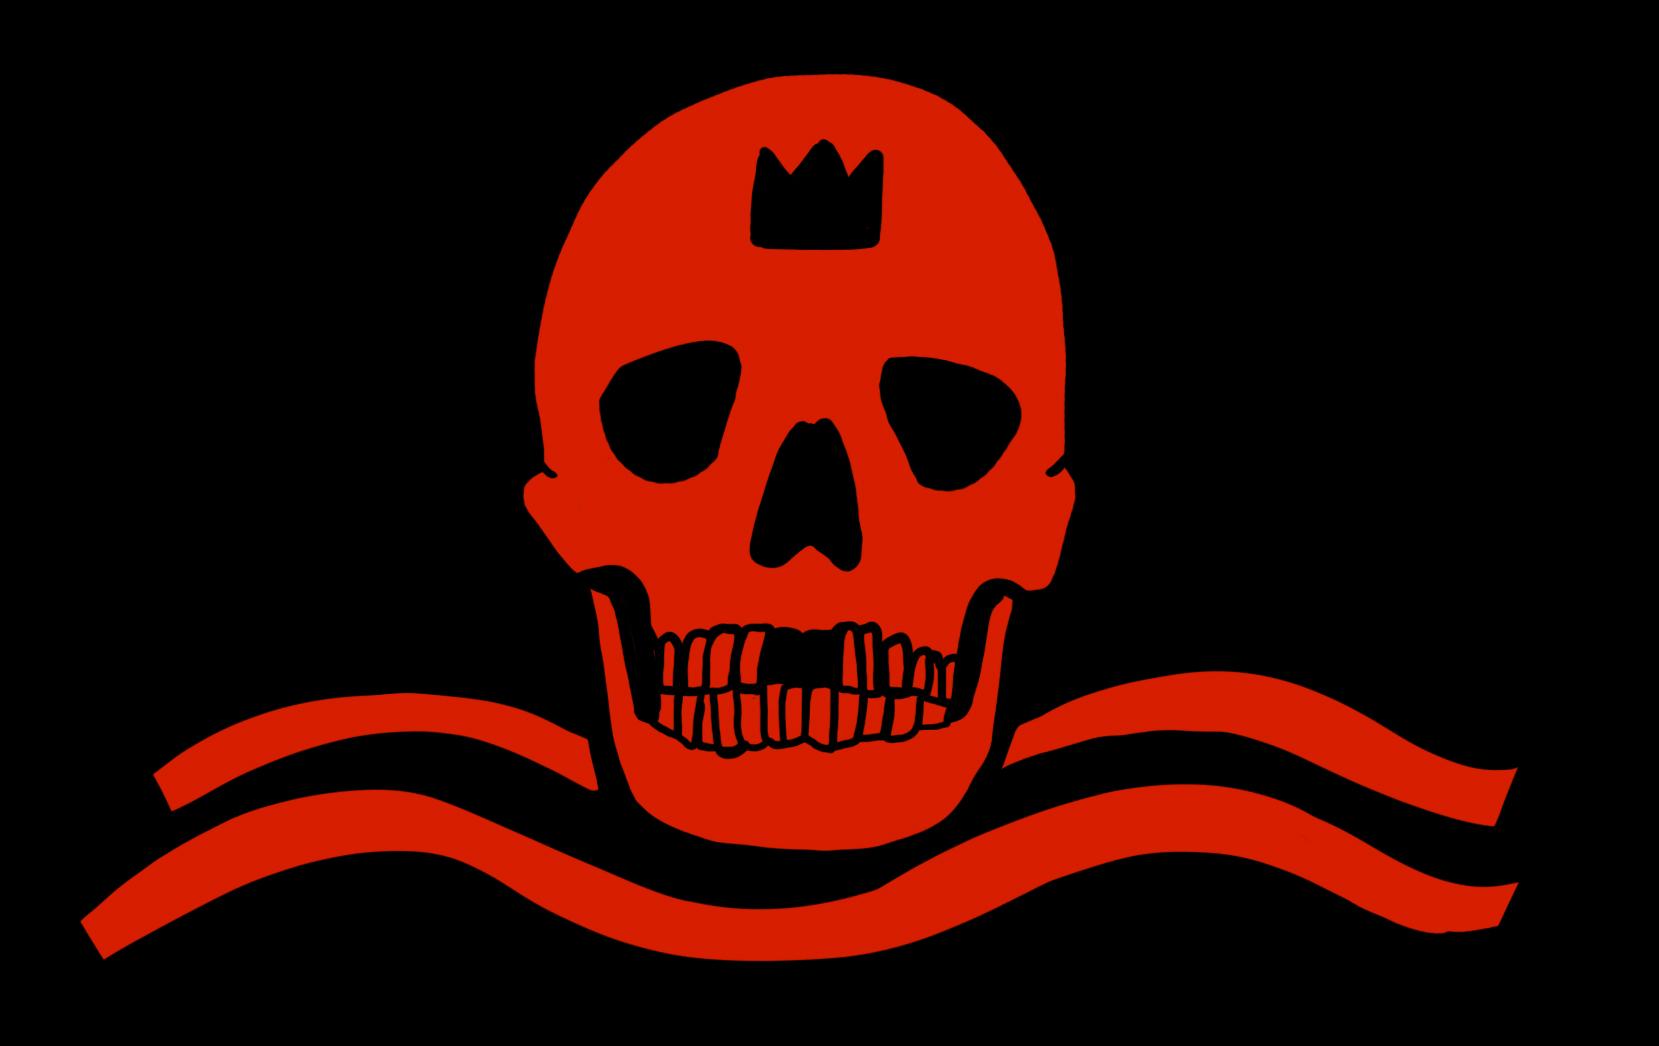 Flag final op 1 (1).jpg